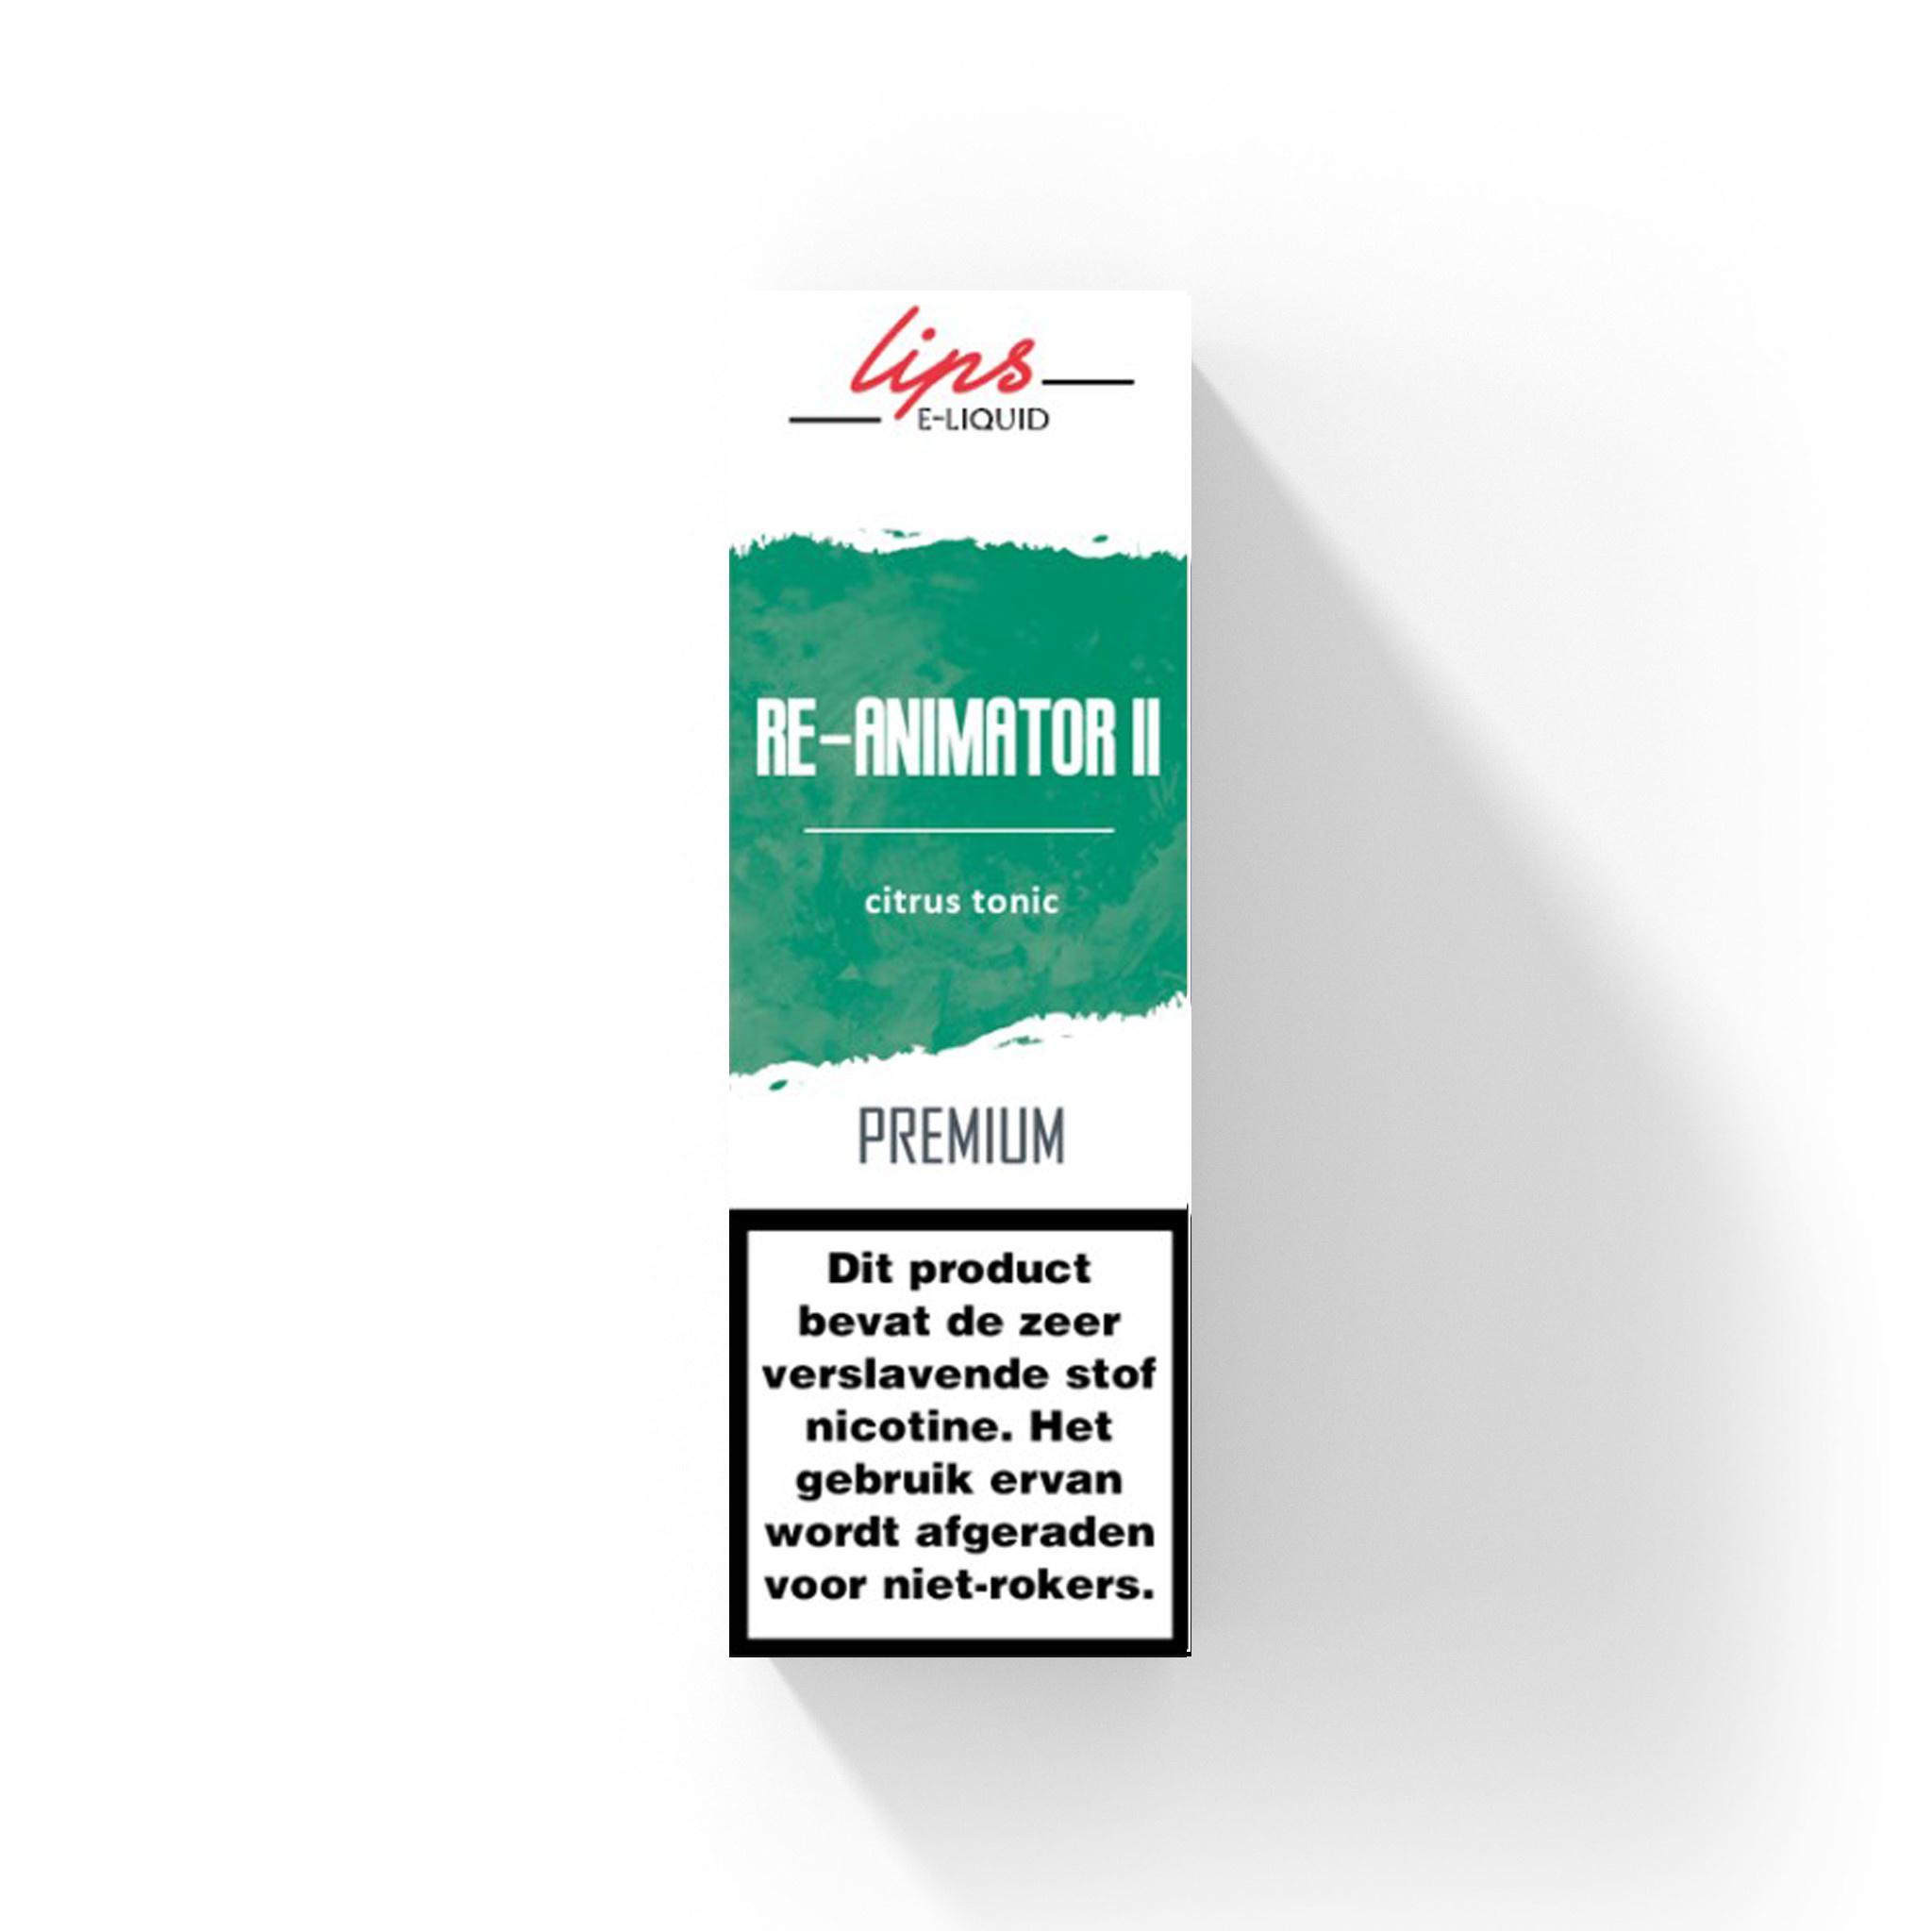 Lips Premium - Re-Animator II